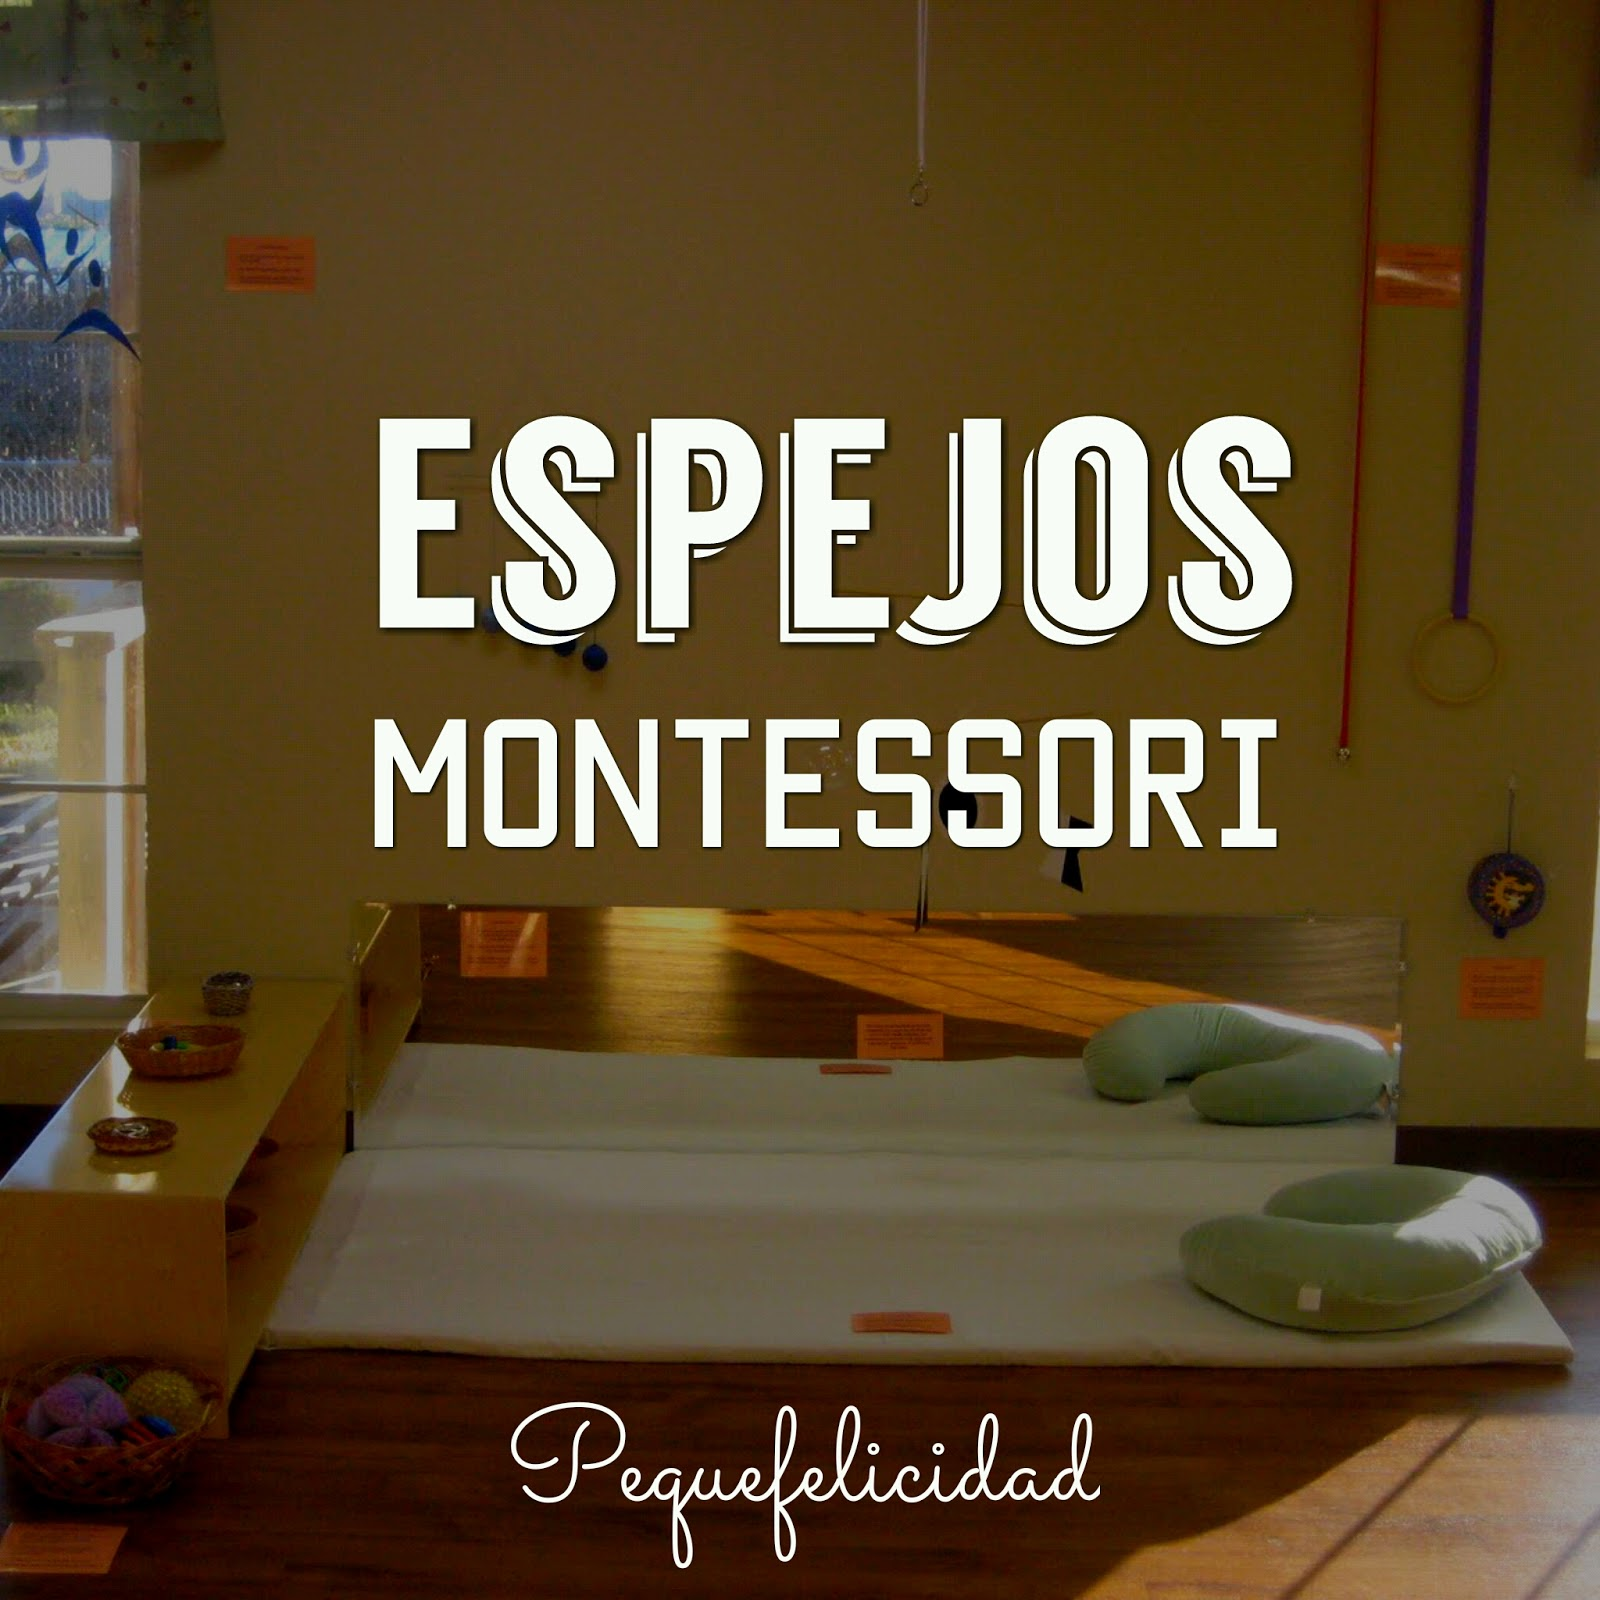 Pequefelicidad espejos montessori for Espejo montessori